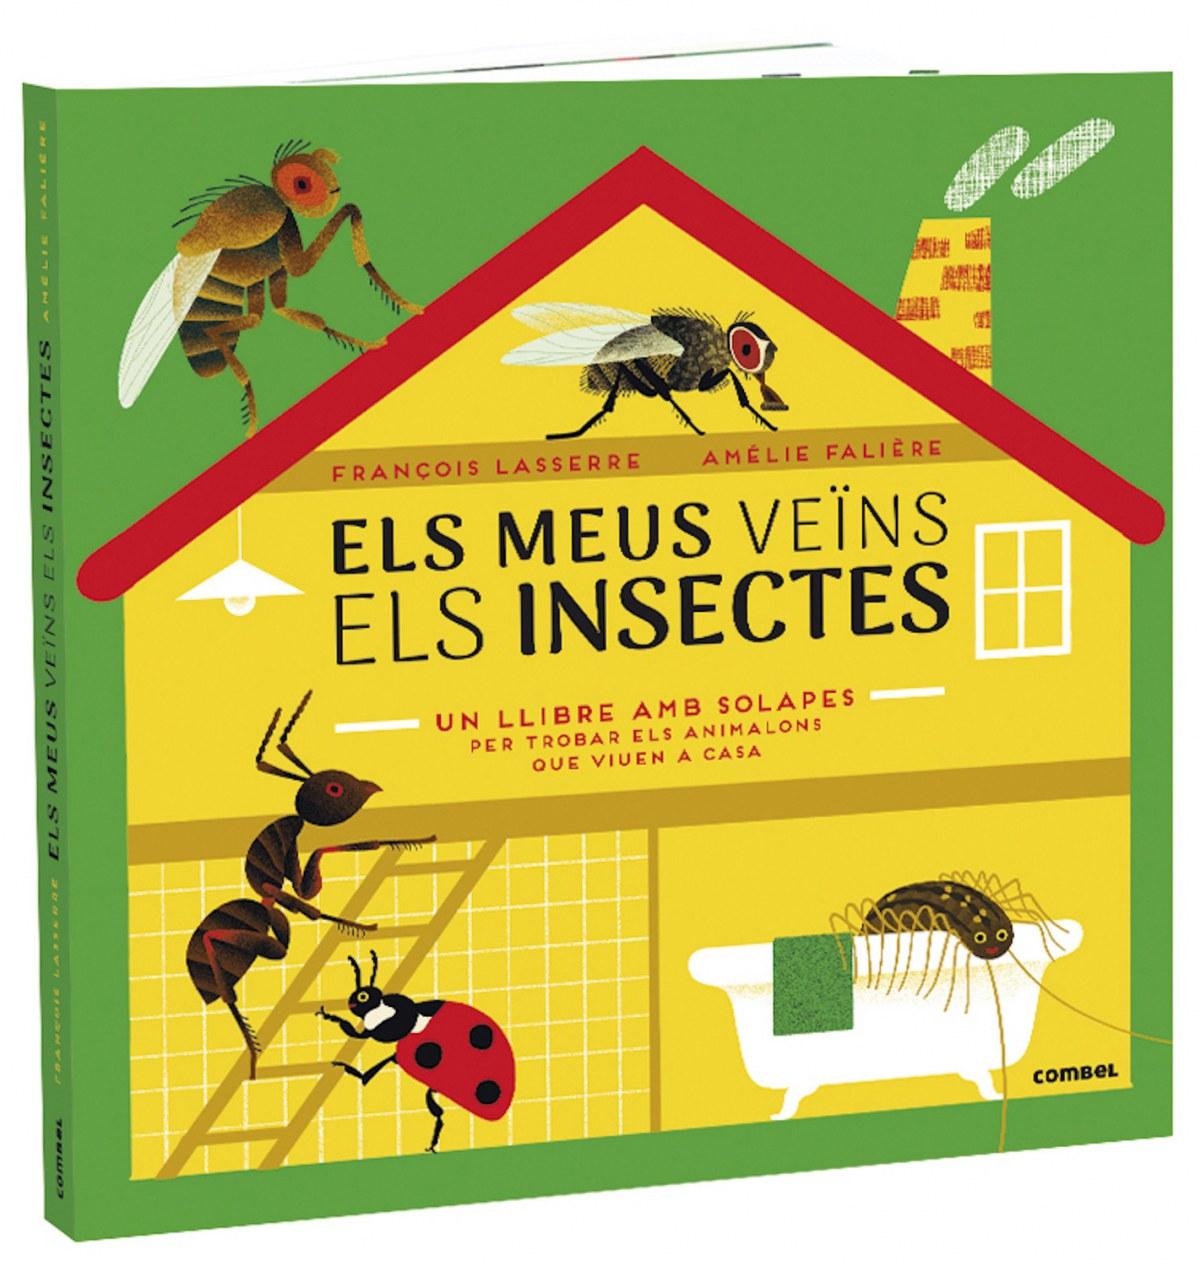 Els meus veïns els insectes